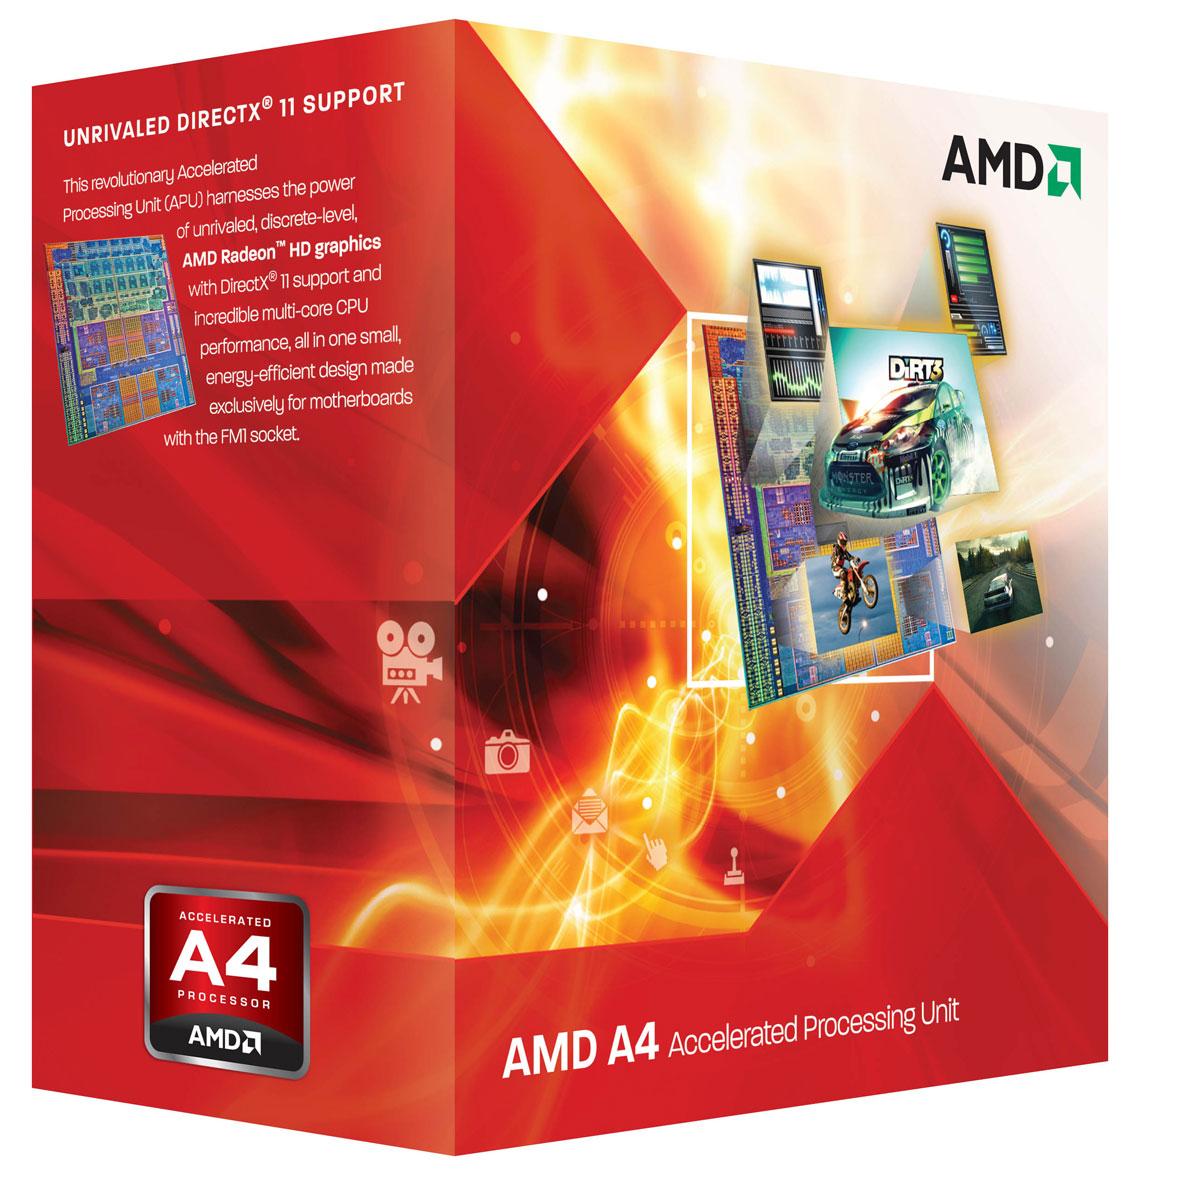 Processeur AMD A4-3300 (2.5 GHz) Processeur Dual Core socket FM1 Cache L2 1 Mo Radeon HD 6410D 0.032 micron (version boîte - garantie constructeur 3 ans)